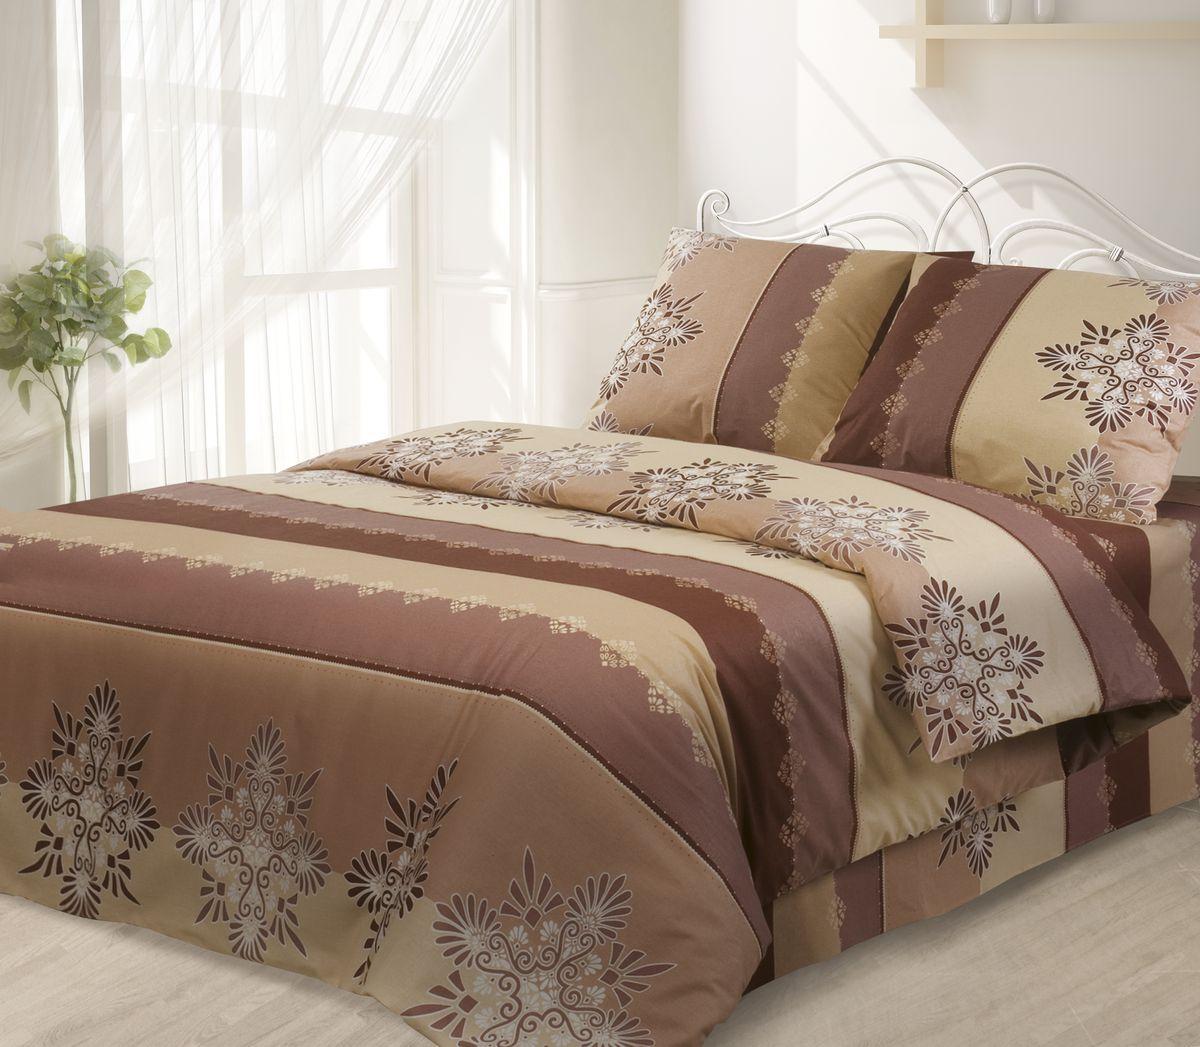 Комплект белья Гармония, 1,5-спальный, наволочки 50х70, цвет: коричневый190820Комплект постельного белья Гармония является экологически безопасным, так как выполнен из поплина (100% хлопка). Комплект состоит из пододеяльника, простыни и двух наволочек. Постельное белье оформлено красивым орнаментом и имеет изысканный внешний вид. Постельное белье Гармония - лучший выбор для современной хозяйки! Его отличают демократичная цена и отличное качество. Поплин мягкий и приятный на ощупь. Кроме того, эта ткань не требует особого ухода, легко стирается и прекрасно держит форму. Высококачественные красители, которые используются при производстве постельного белья, сохраняют свой цвет даже после многочисленных стирок.